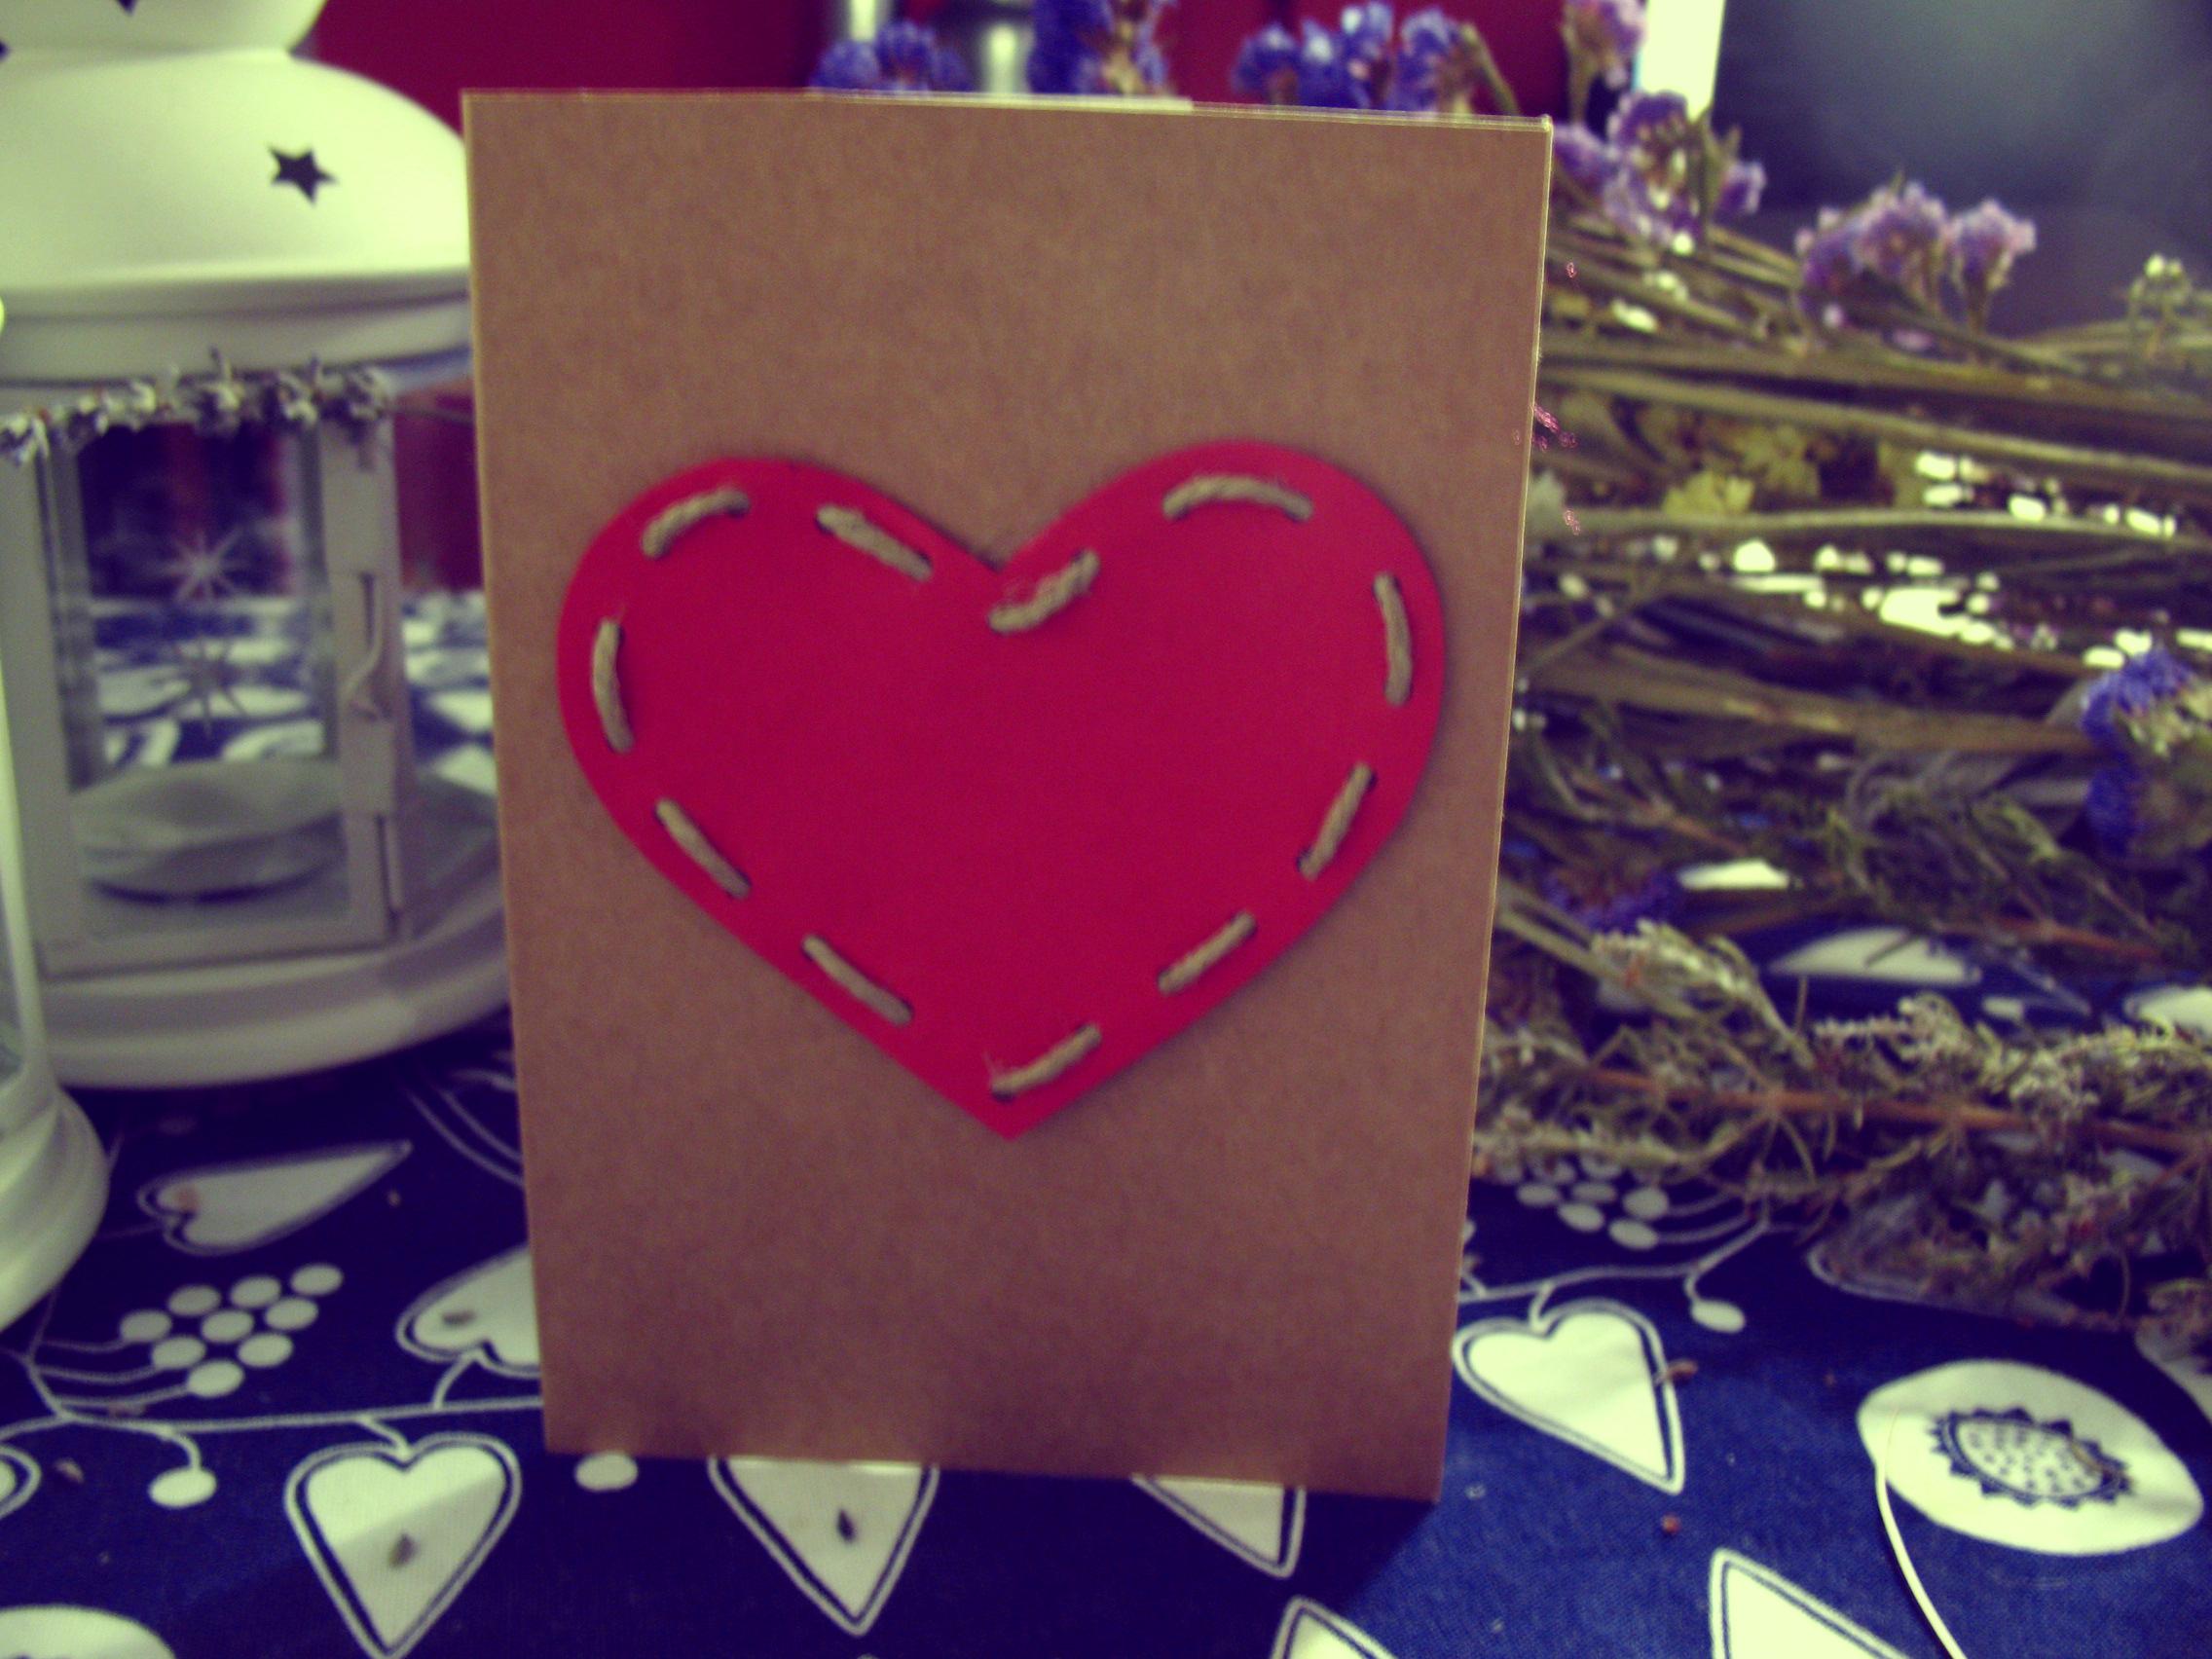 Bonitos regalos para san valentin hechos a mano lodijoella - San valentin regalos ...